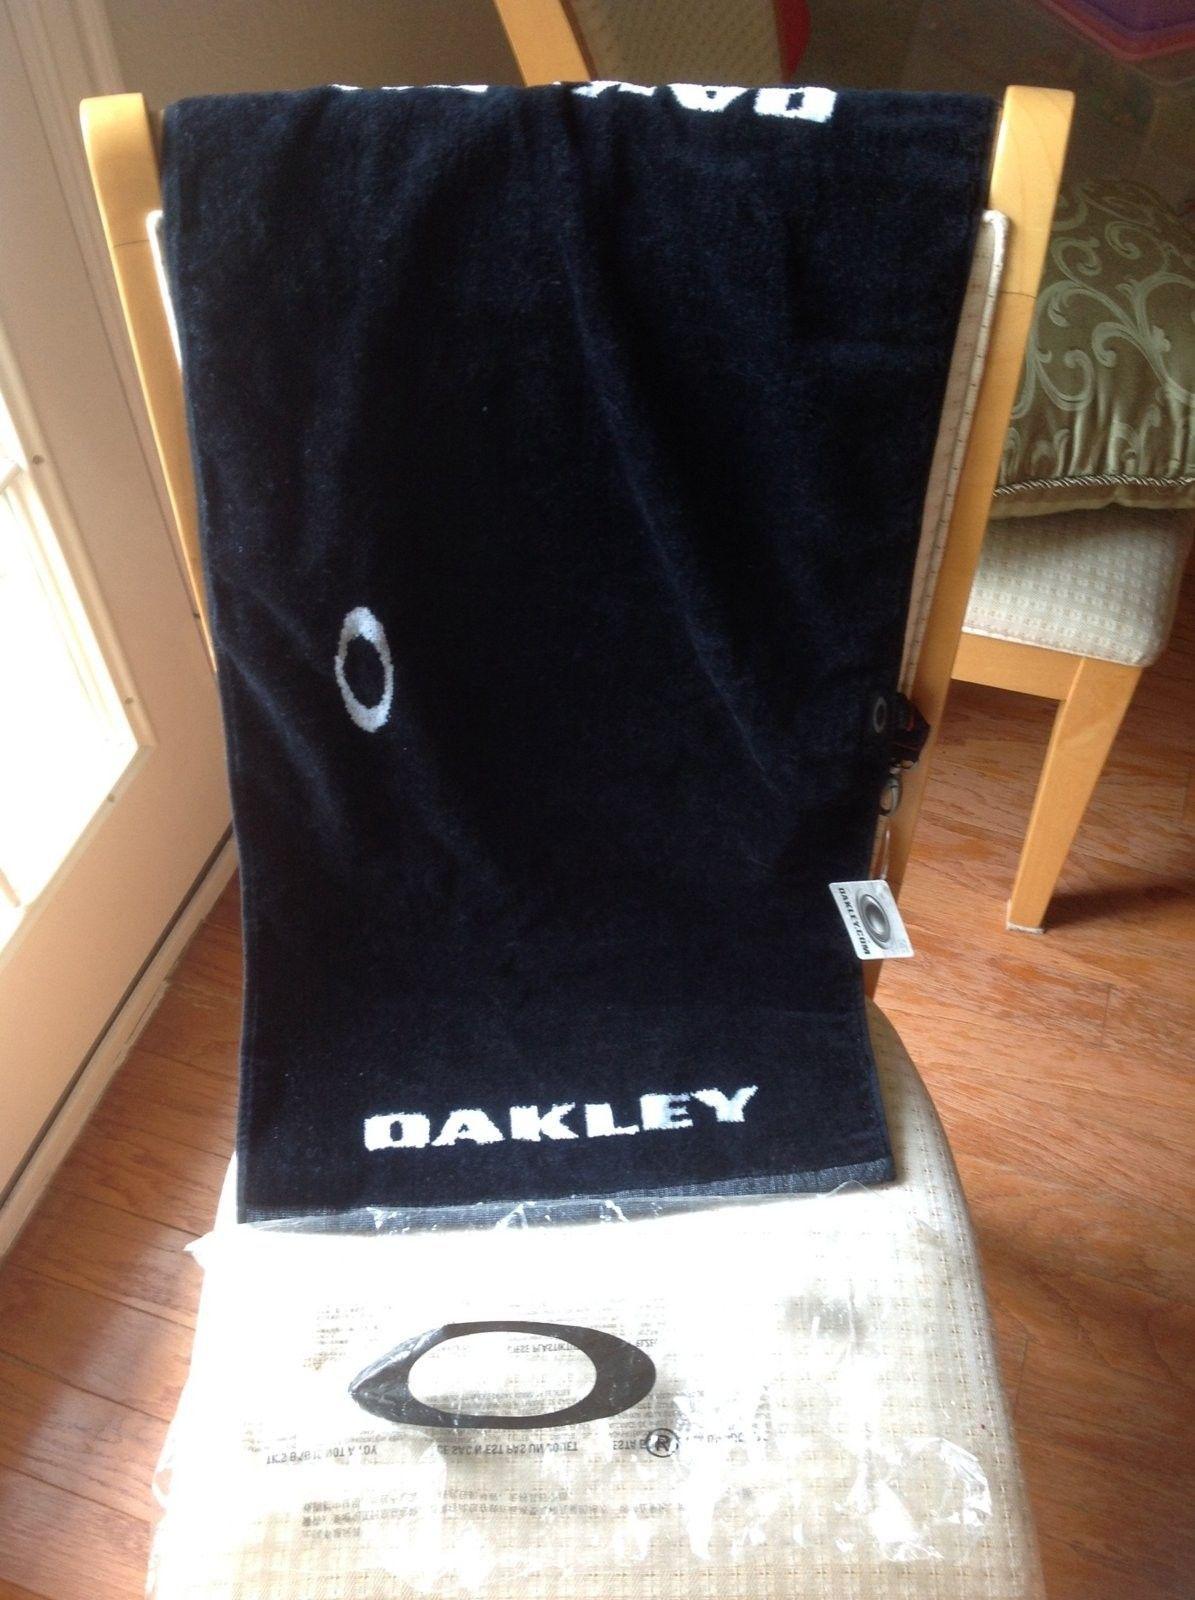 Oakley towel - image.jpg